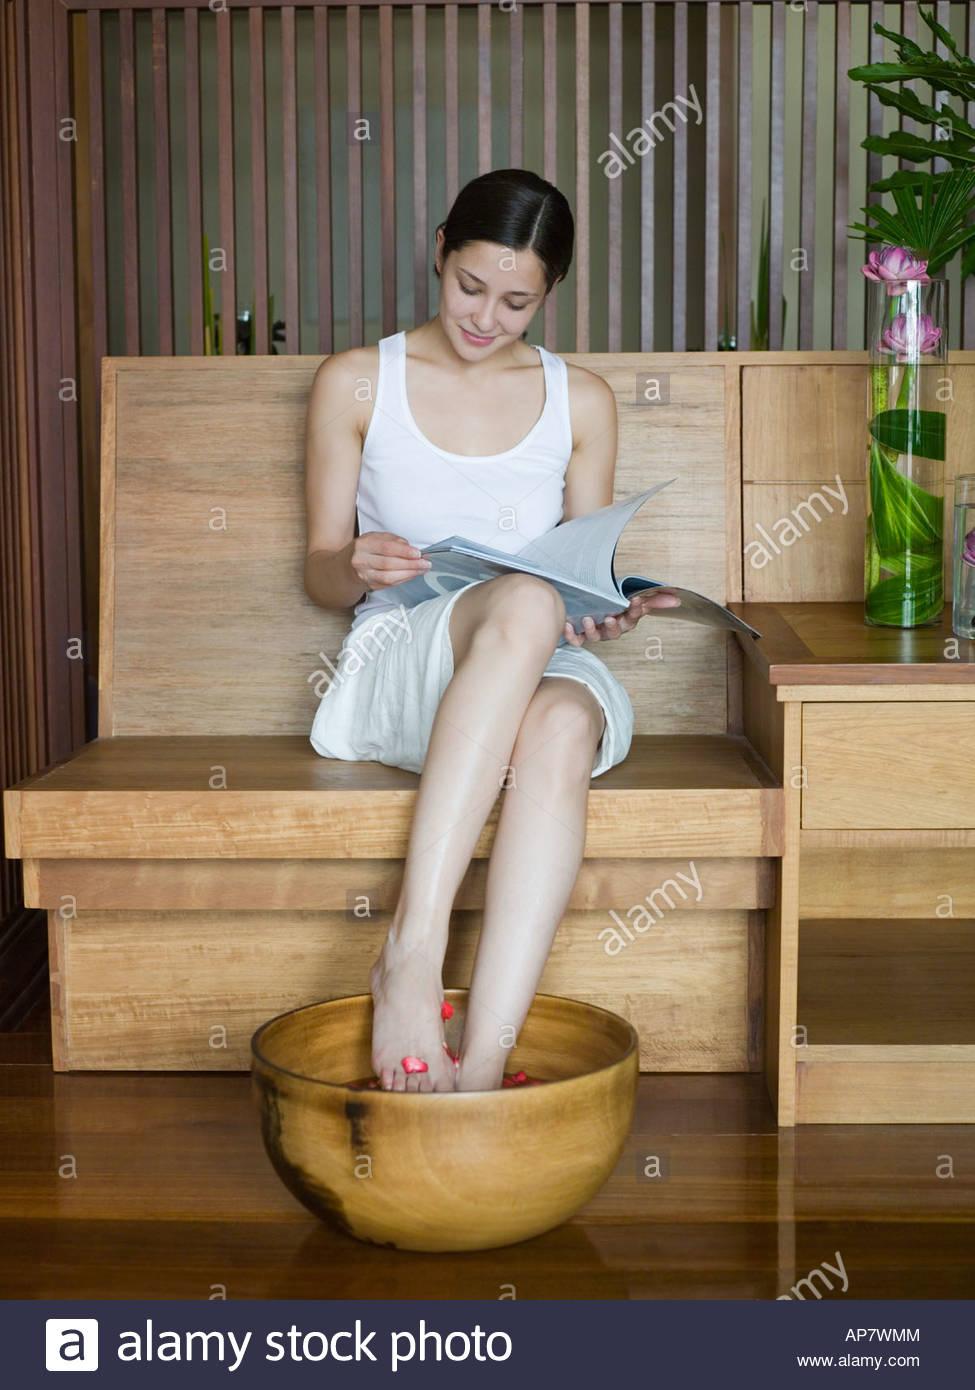 Mujer joven con un remojo de pies Imagen De Stock